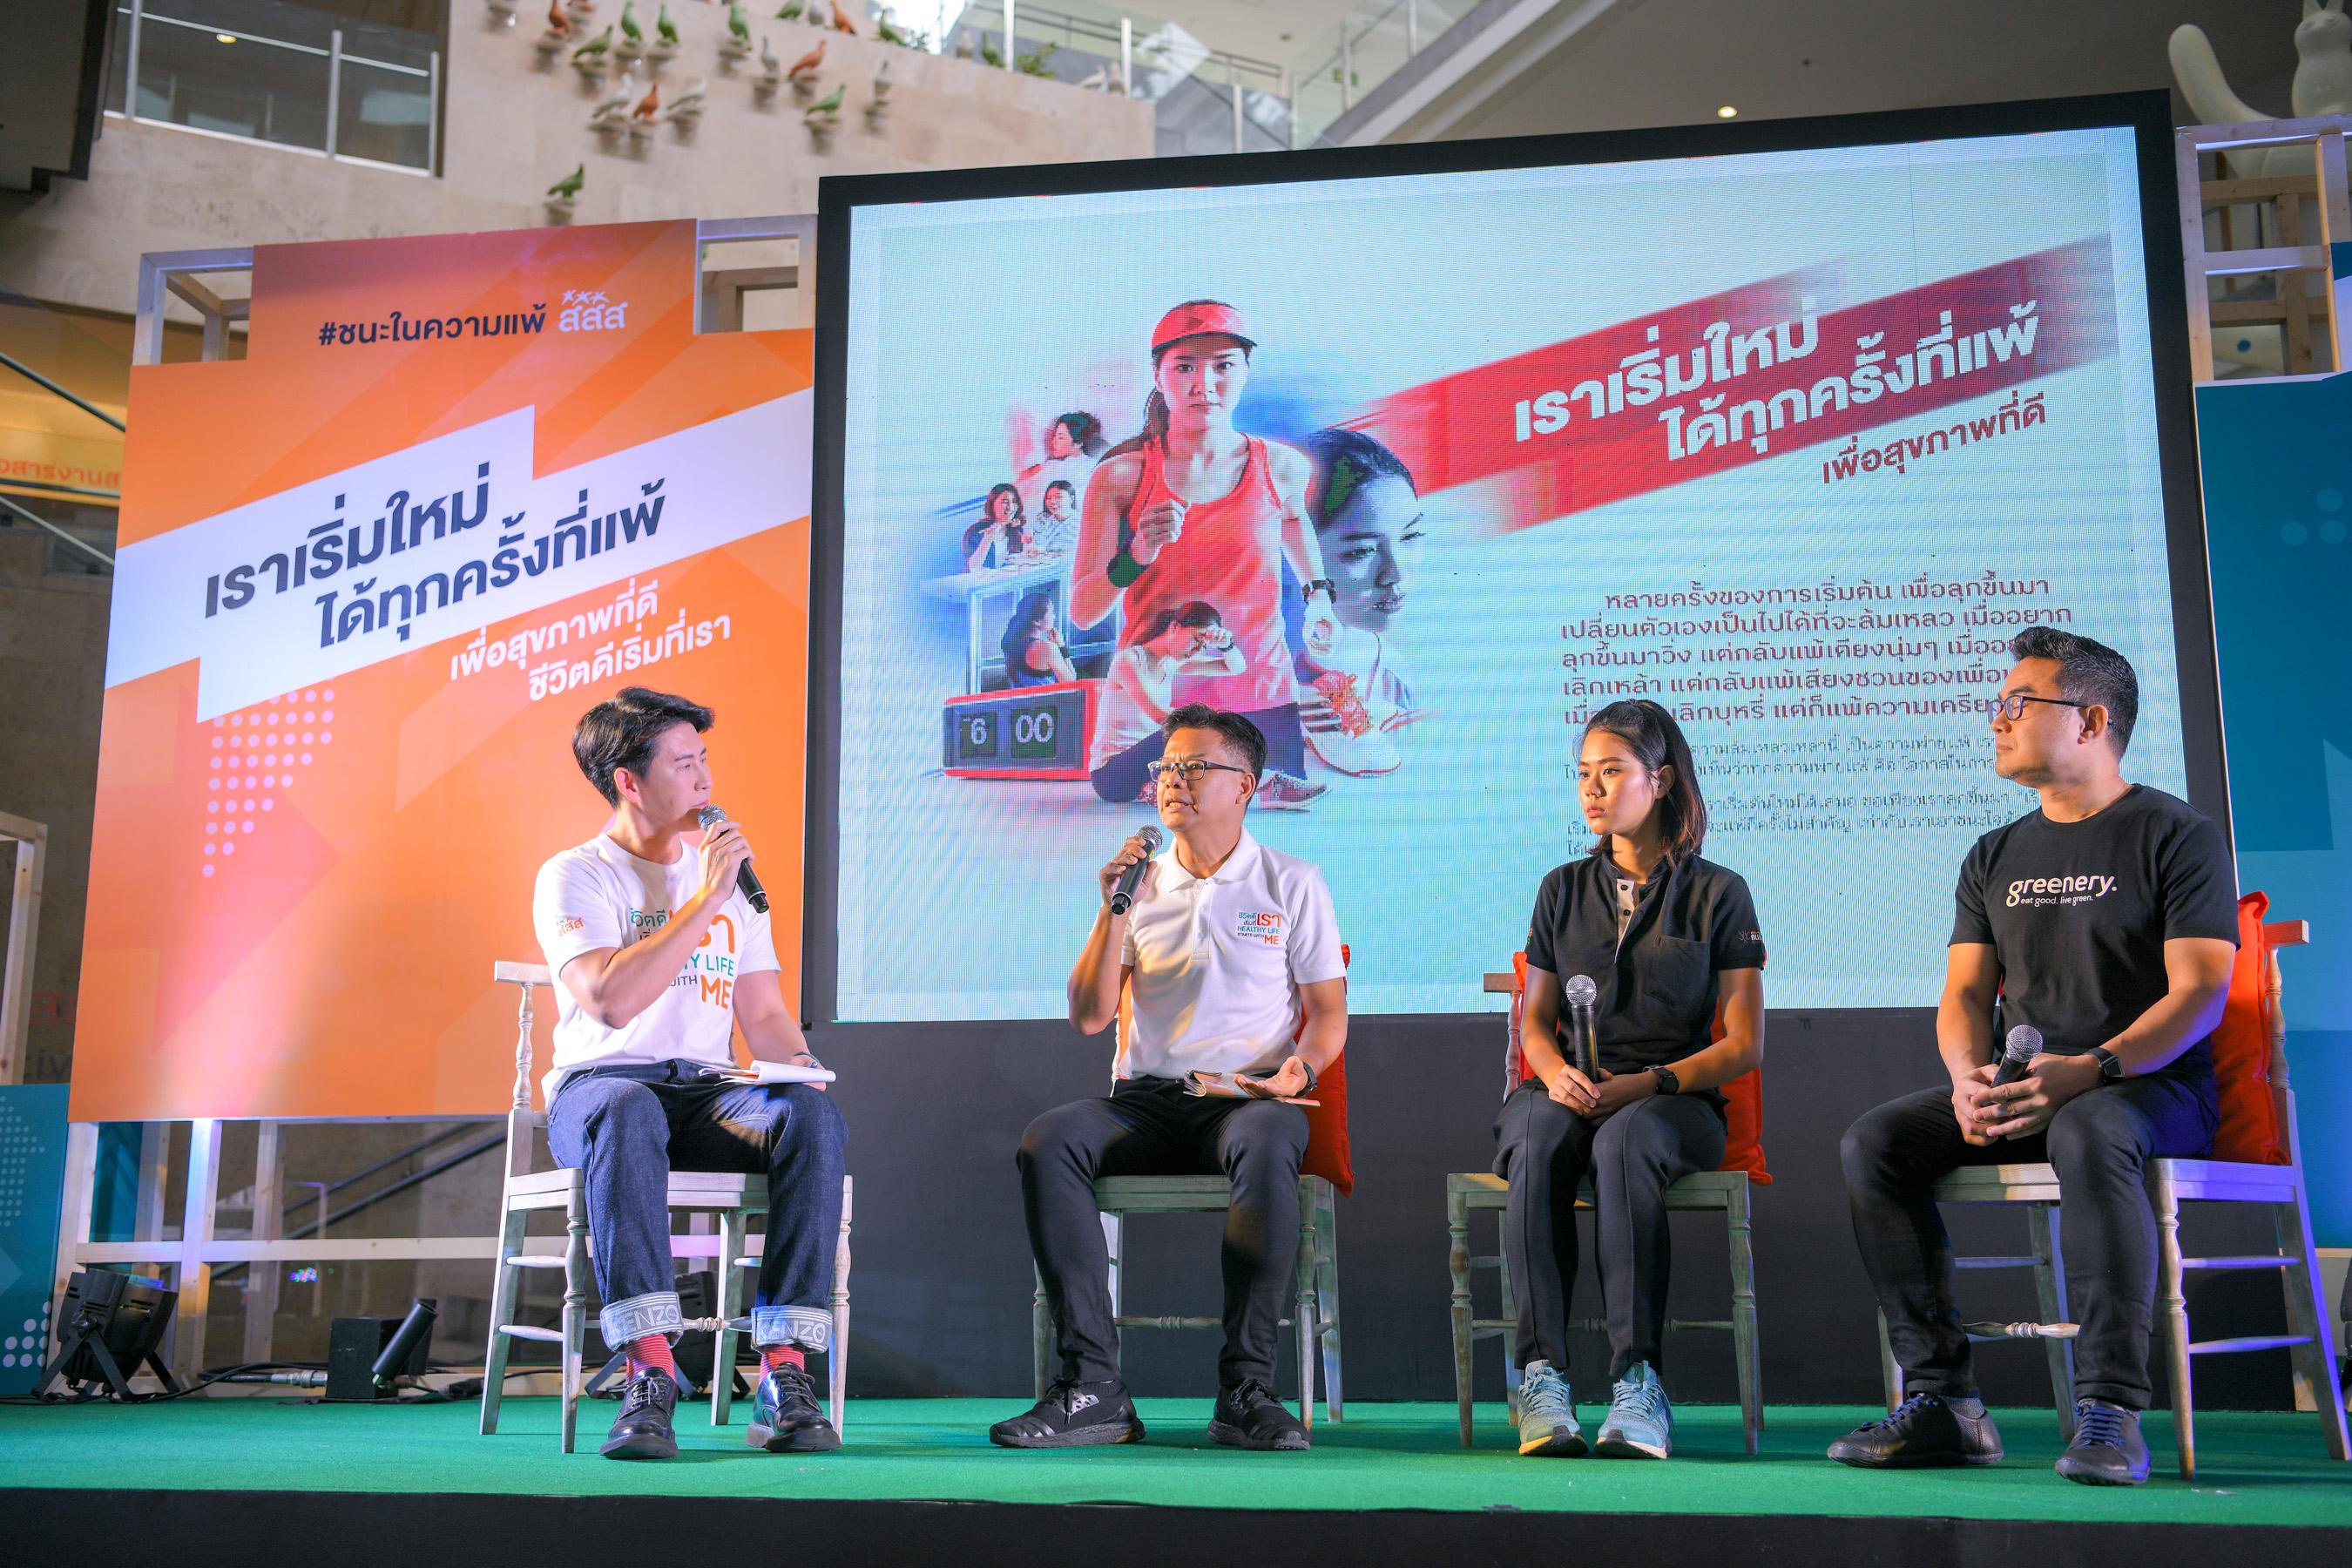 สสส. ชวนคนไทยตั้งเป้าหมายสุขภาพดีเอาชนะในความแพ้ thaihealth